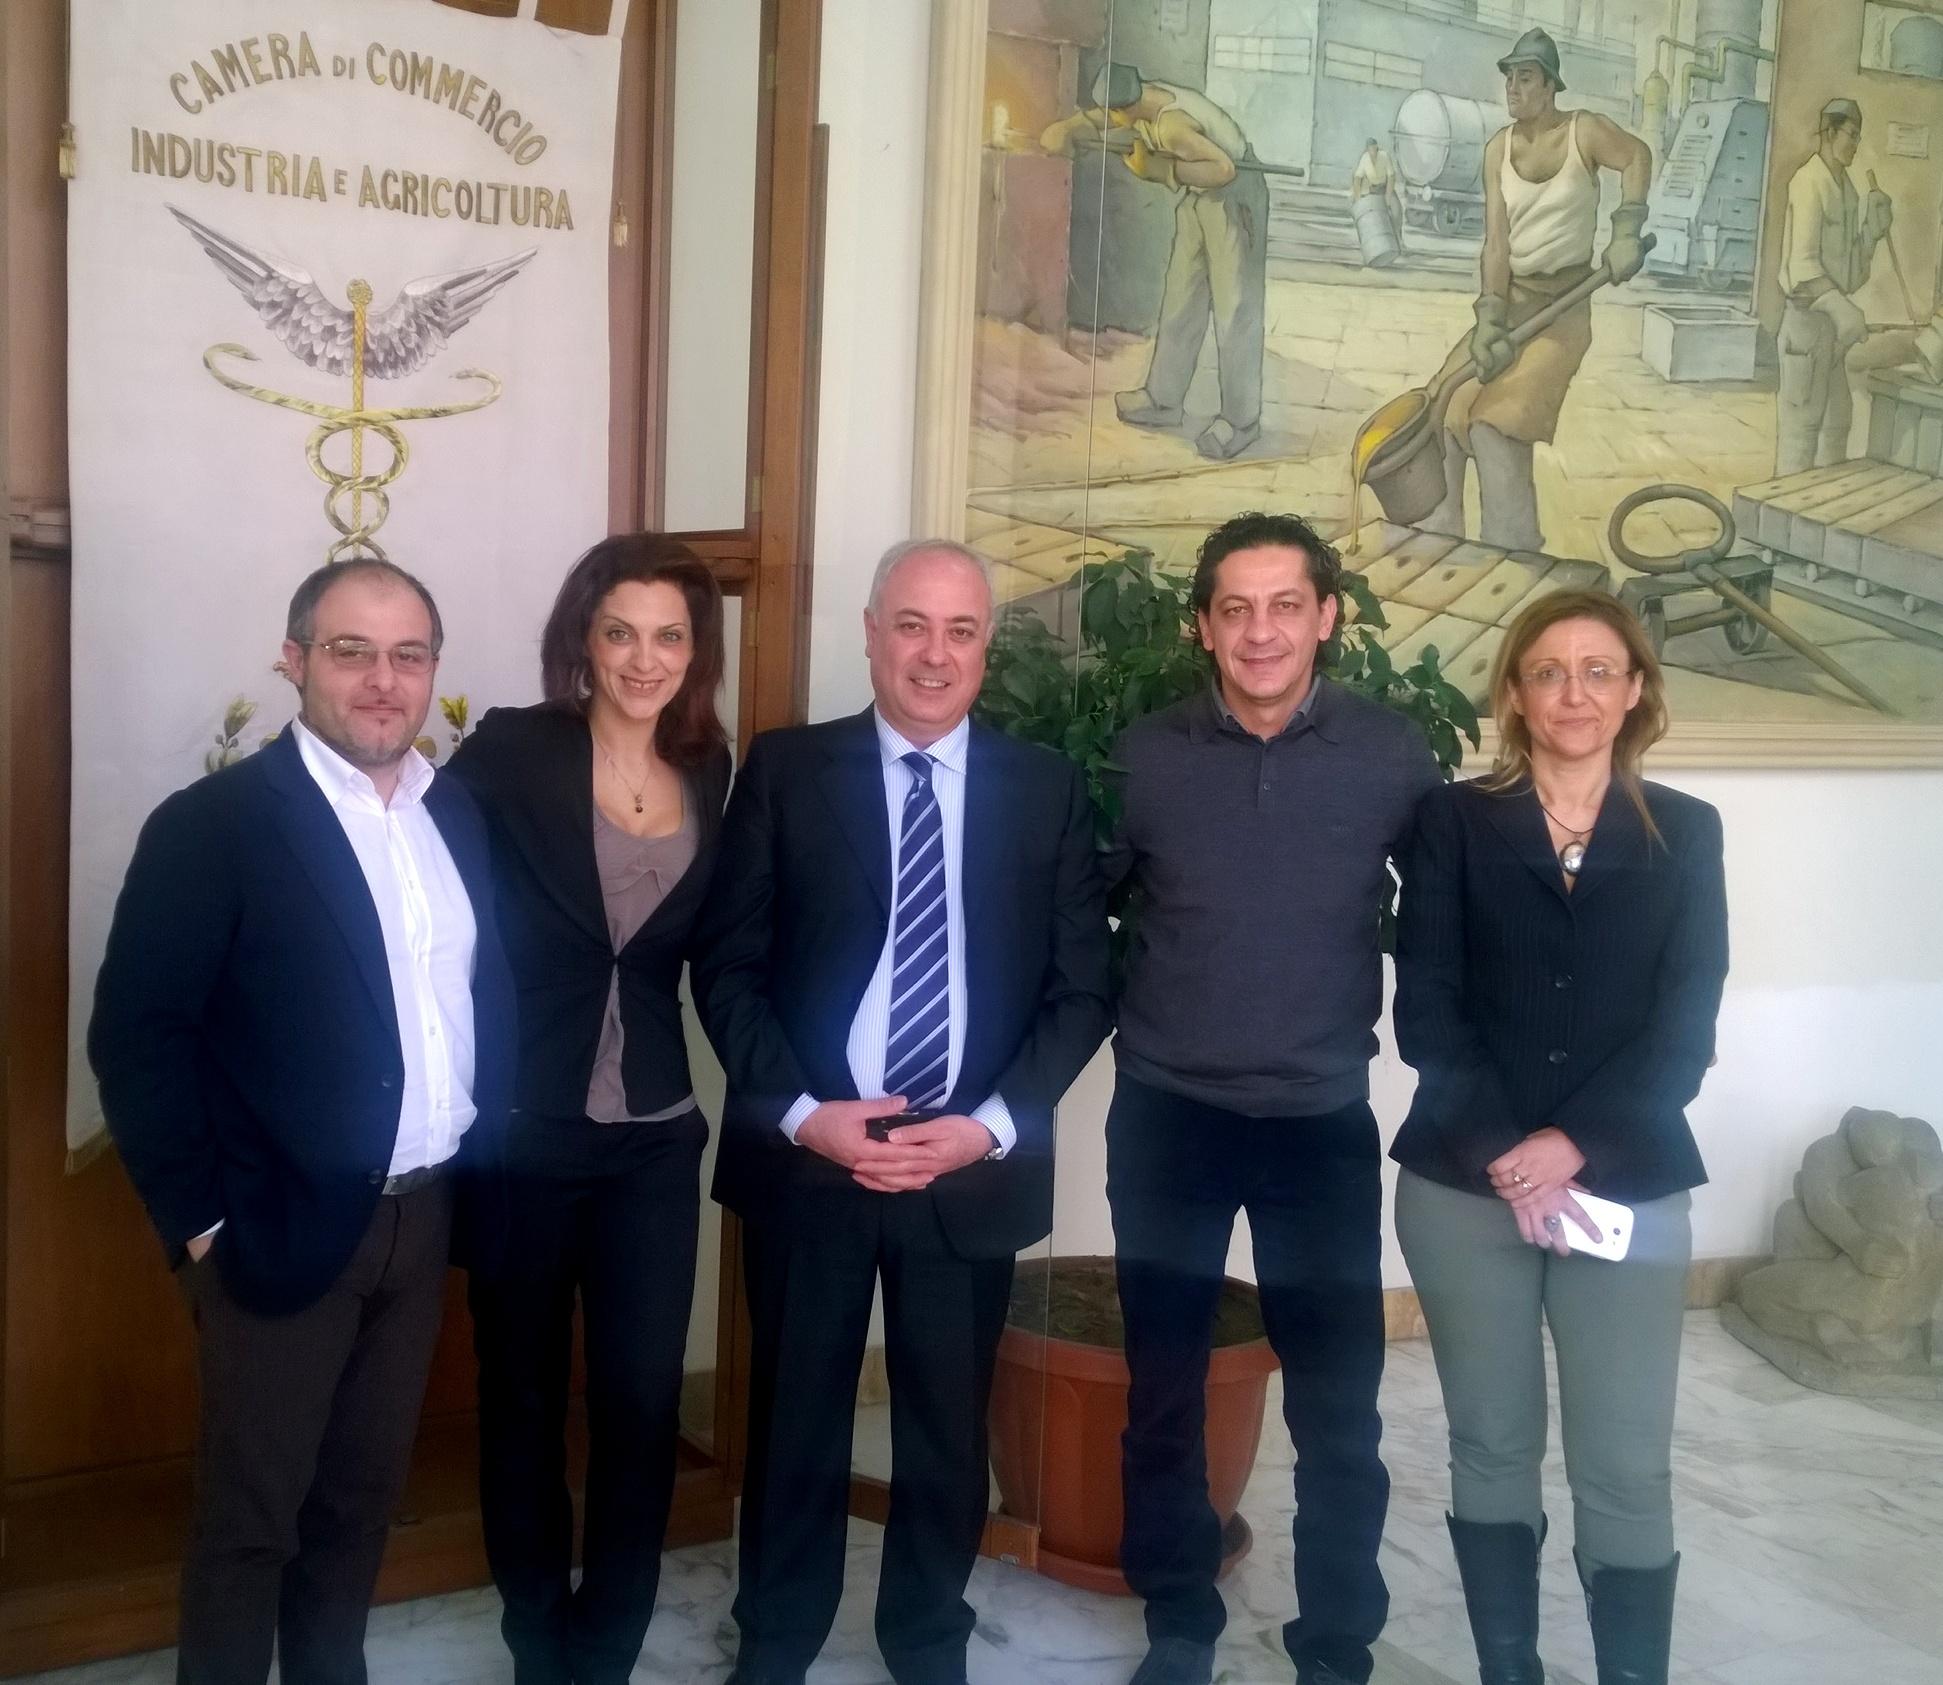 Foto di gruppo per la visita dello chef Francesco Mazzei